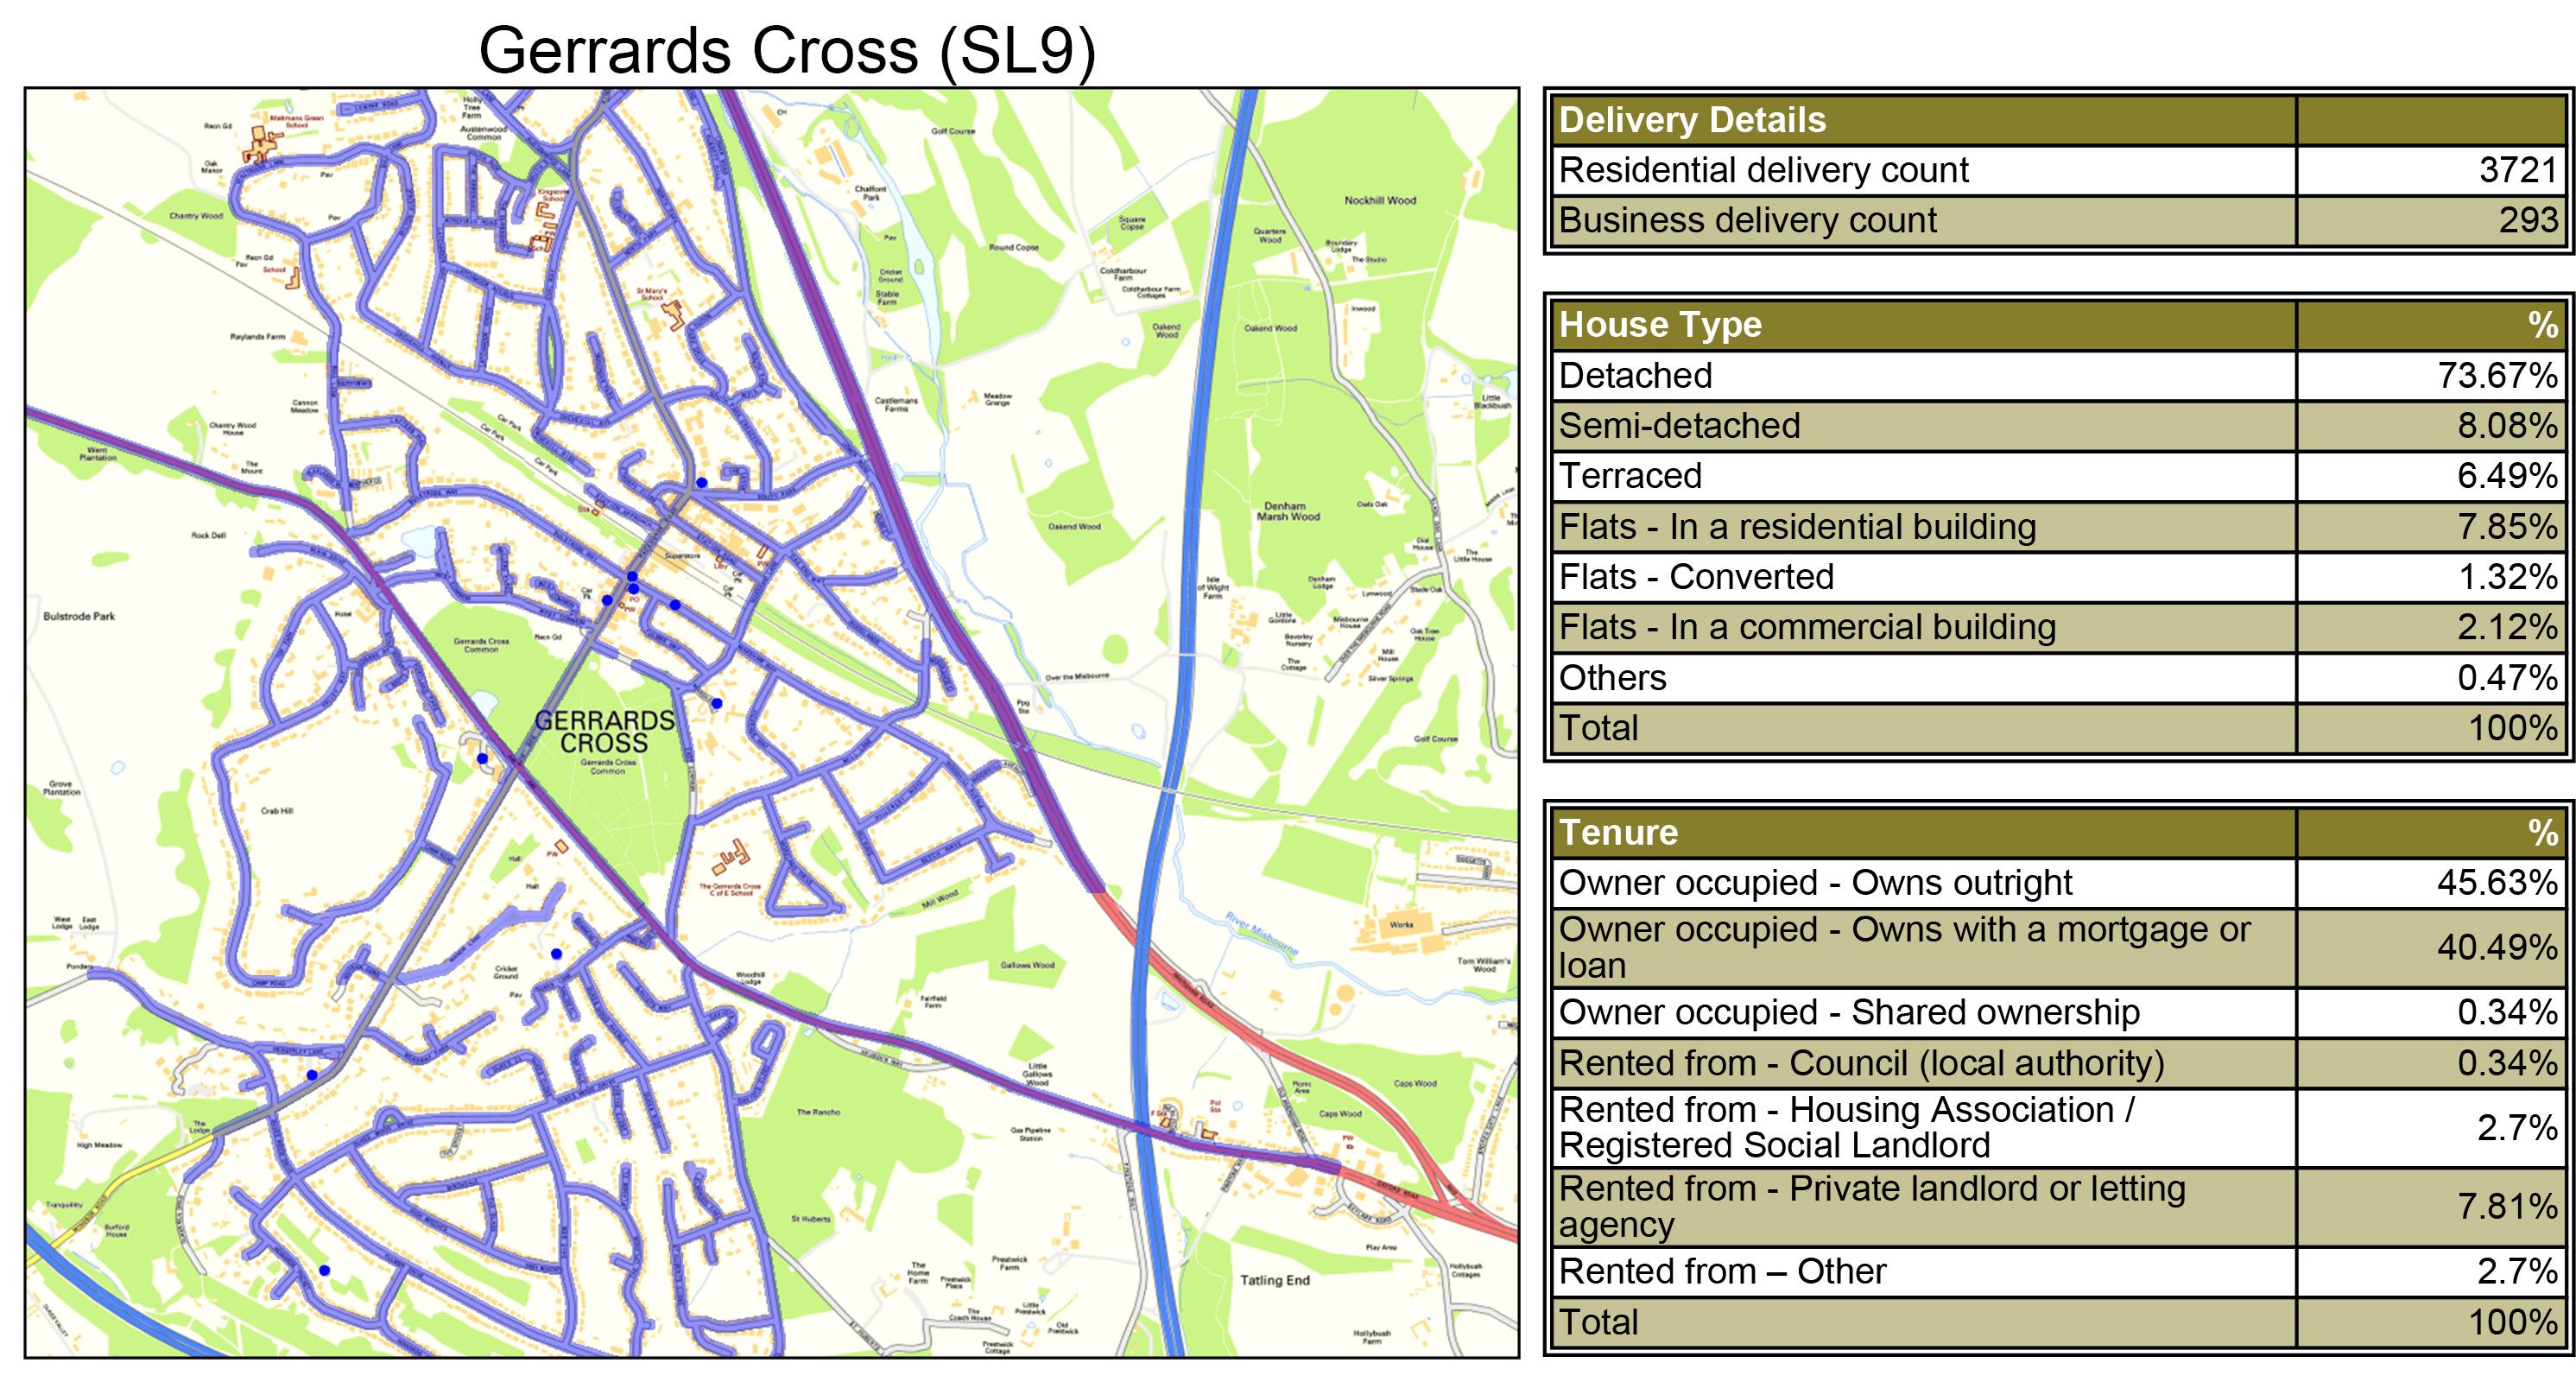 Geoplan Image of Leaflet Distribution Gerrards Cross